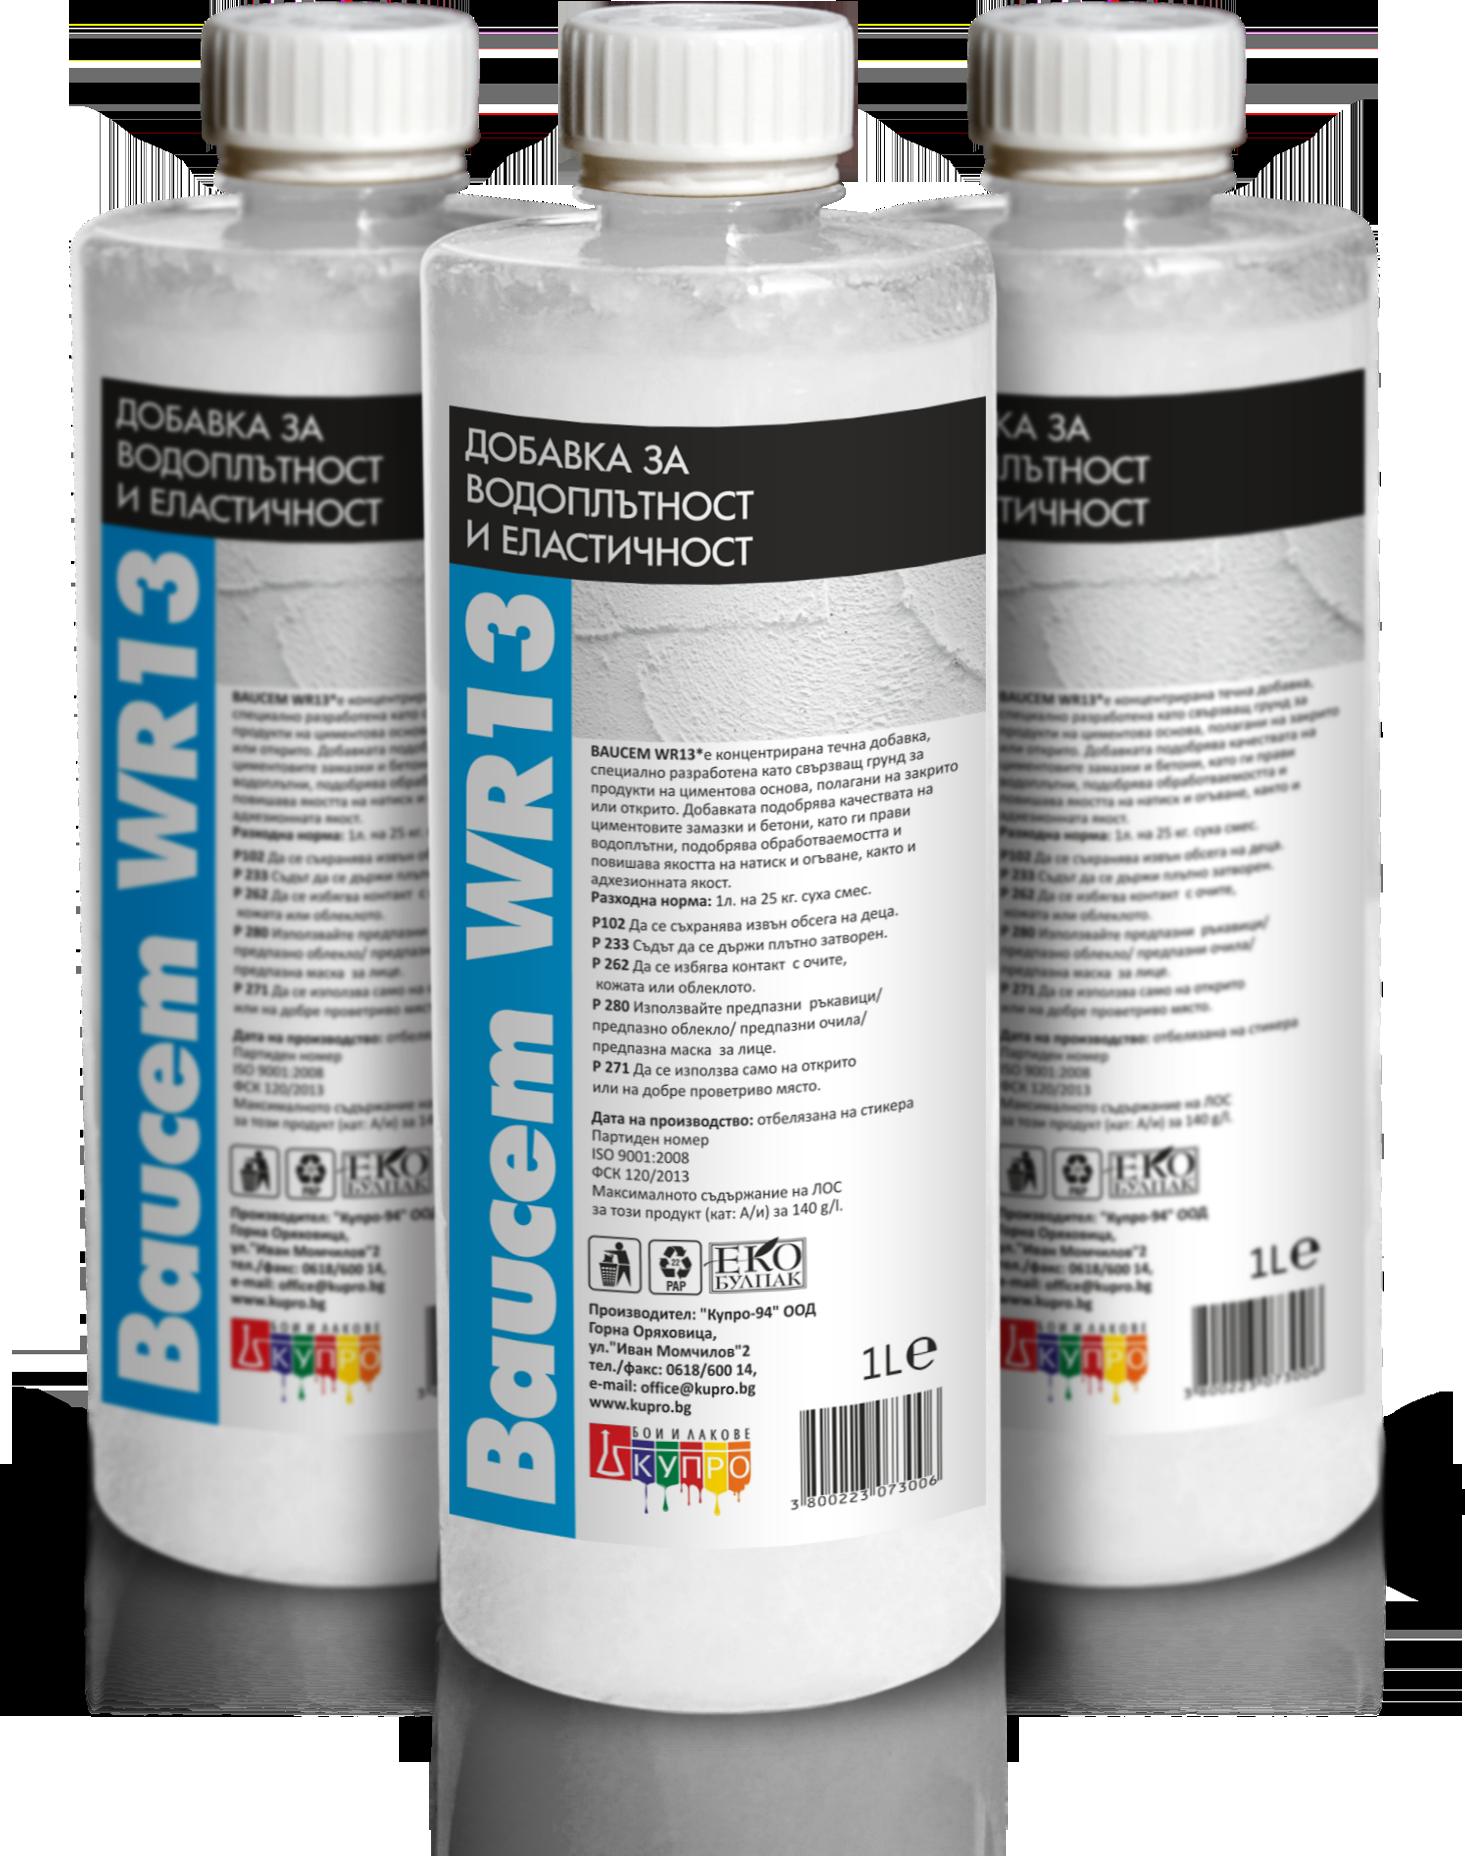 Добавка за водоплътност и еластичност BAUCEM WR 13